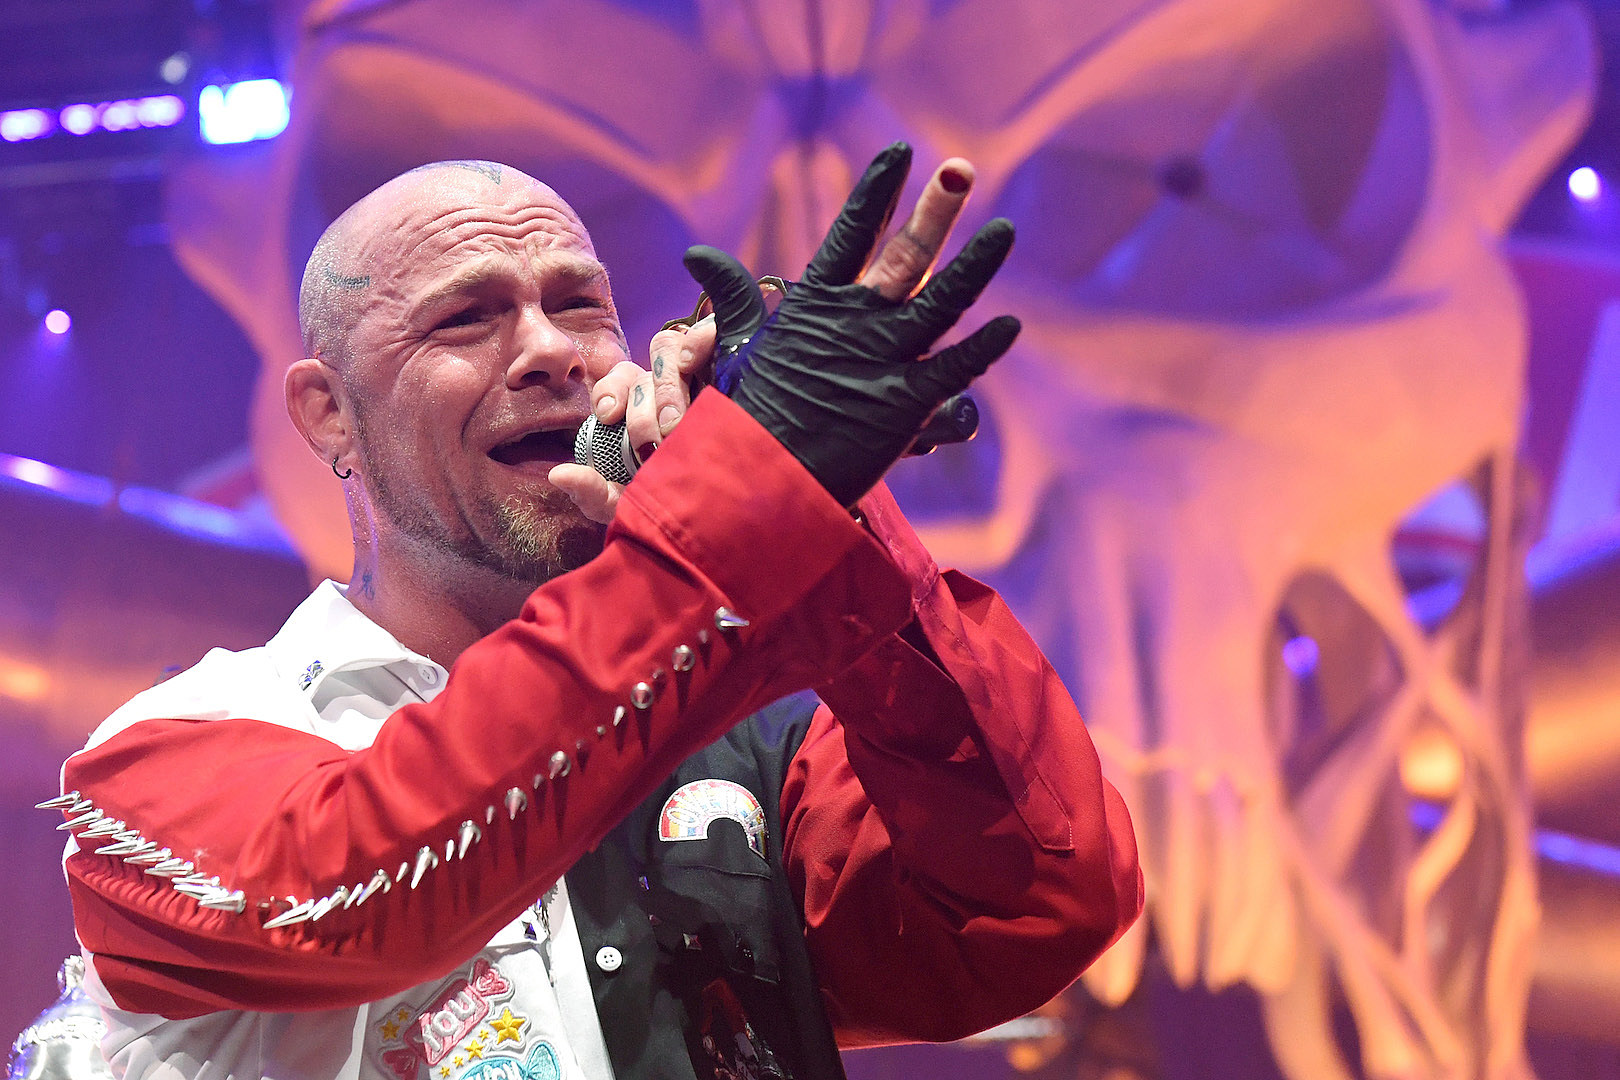 Ivan Moody New Five Finger Death Punch Album Has Not Been F King